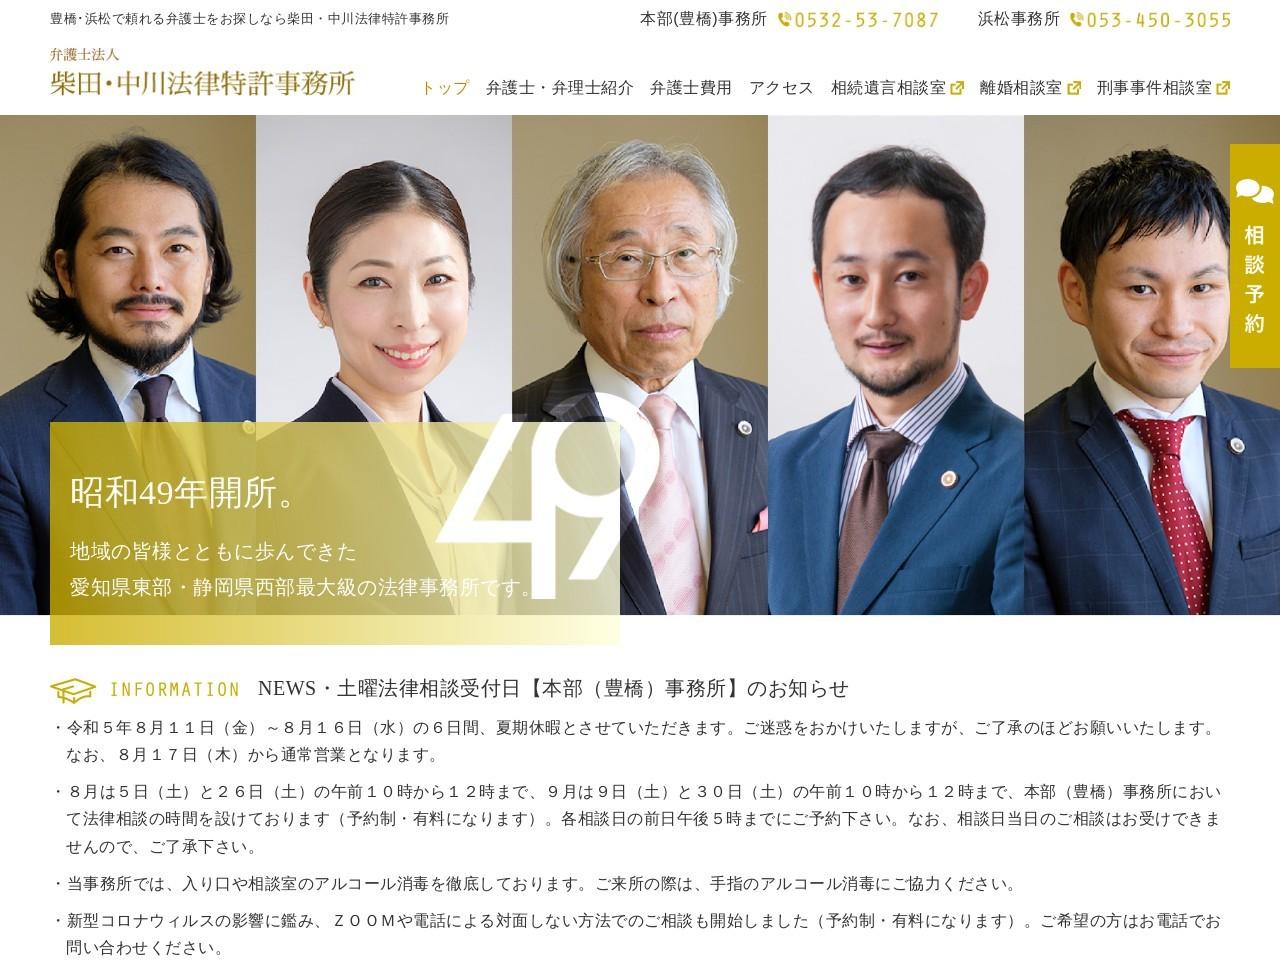 柴田・中川法律特許事務所(弁護士法人)